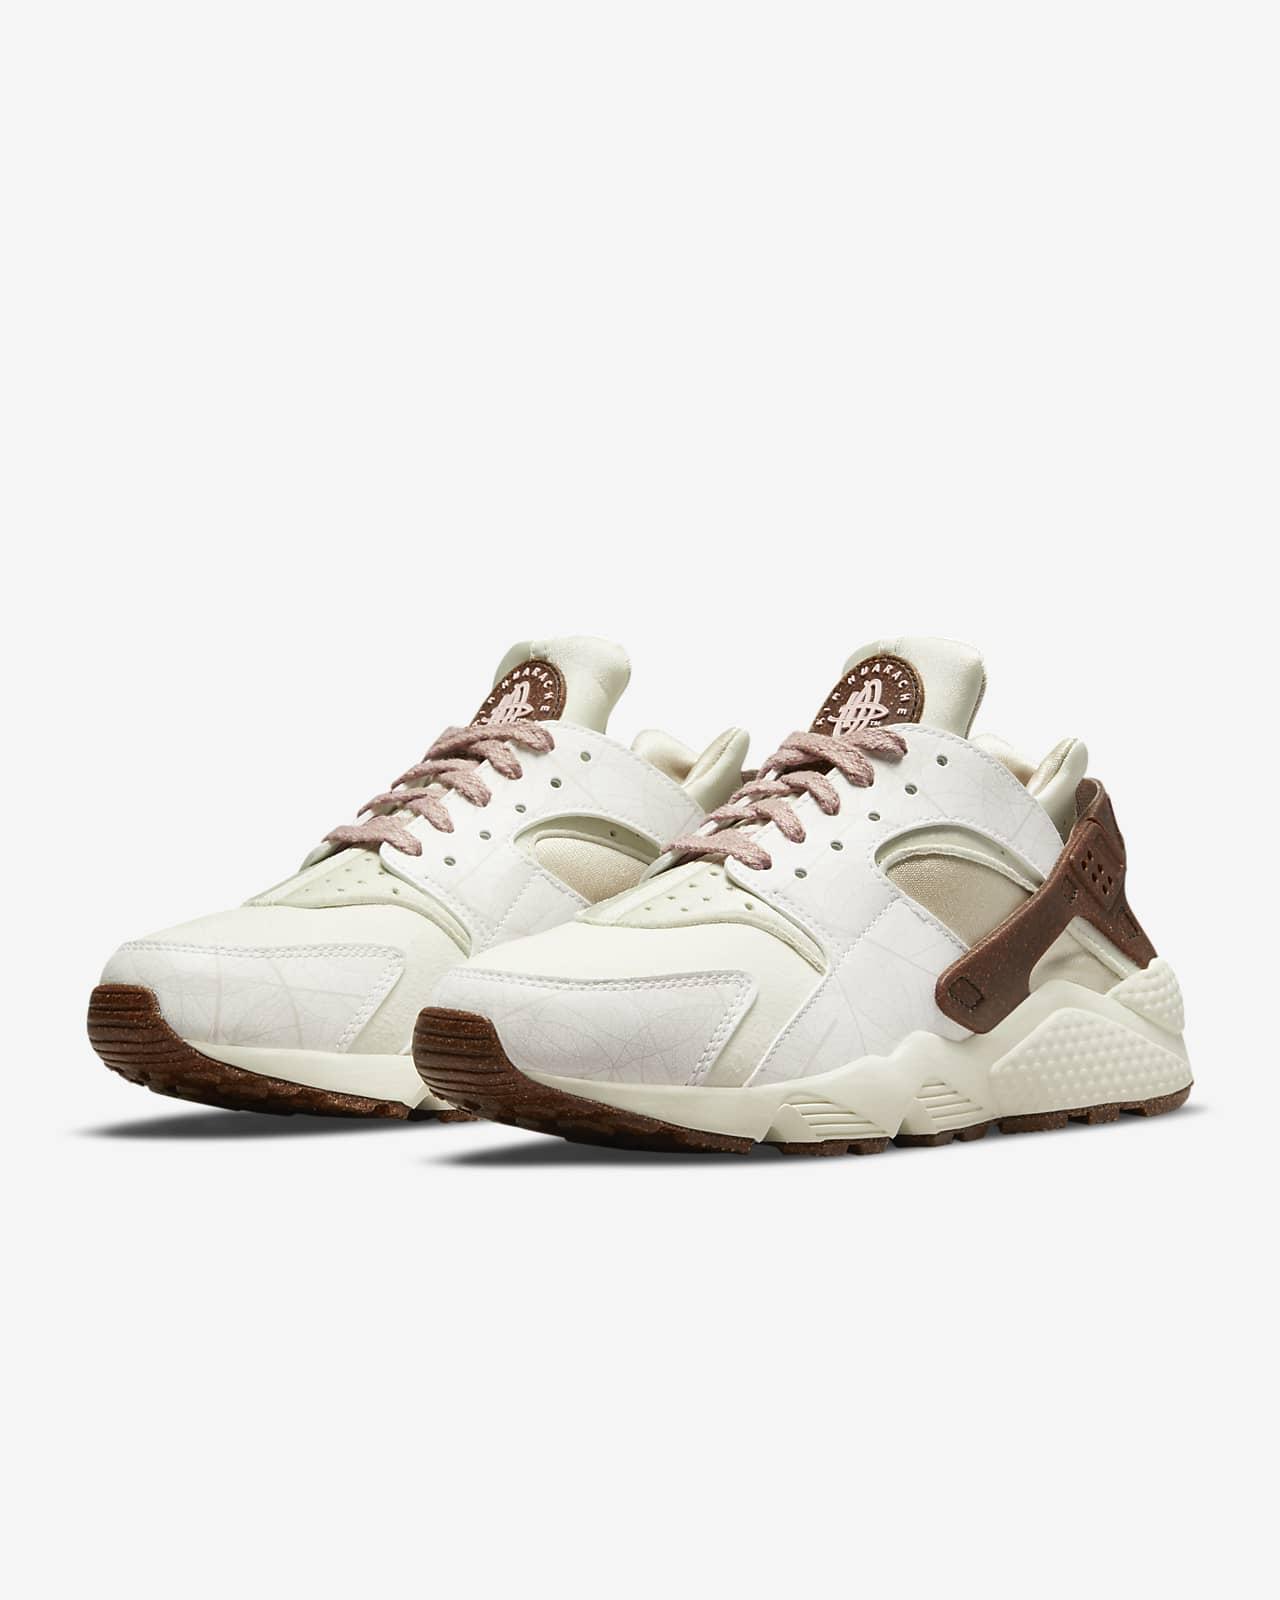 Nike Air Huarache Women's Shoe